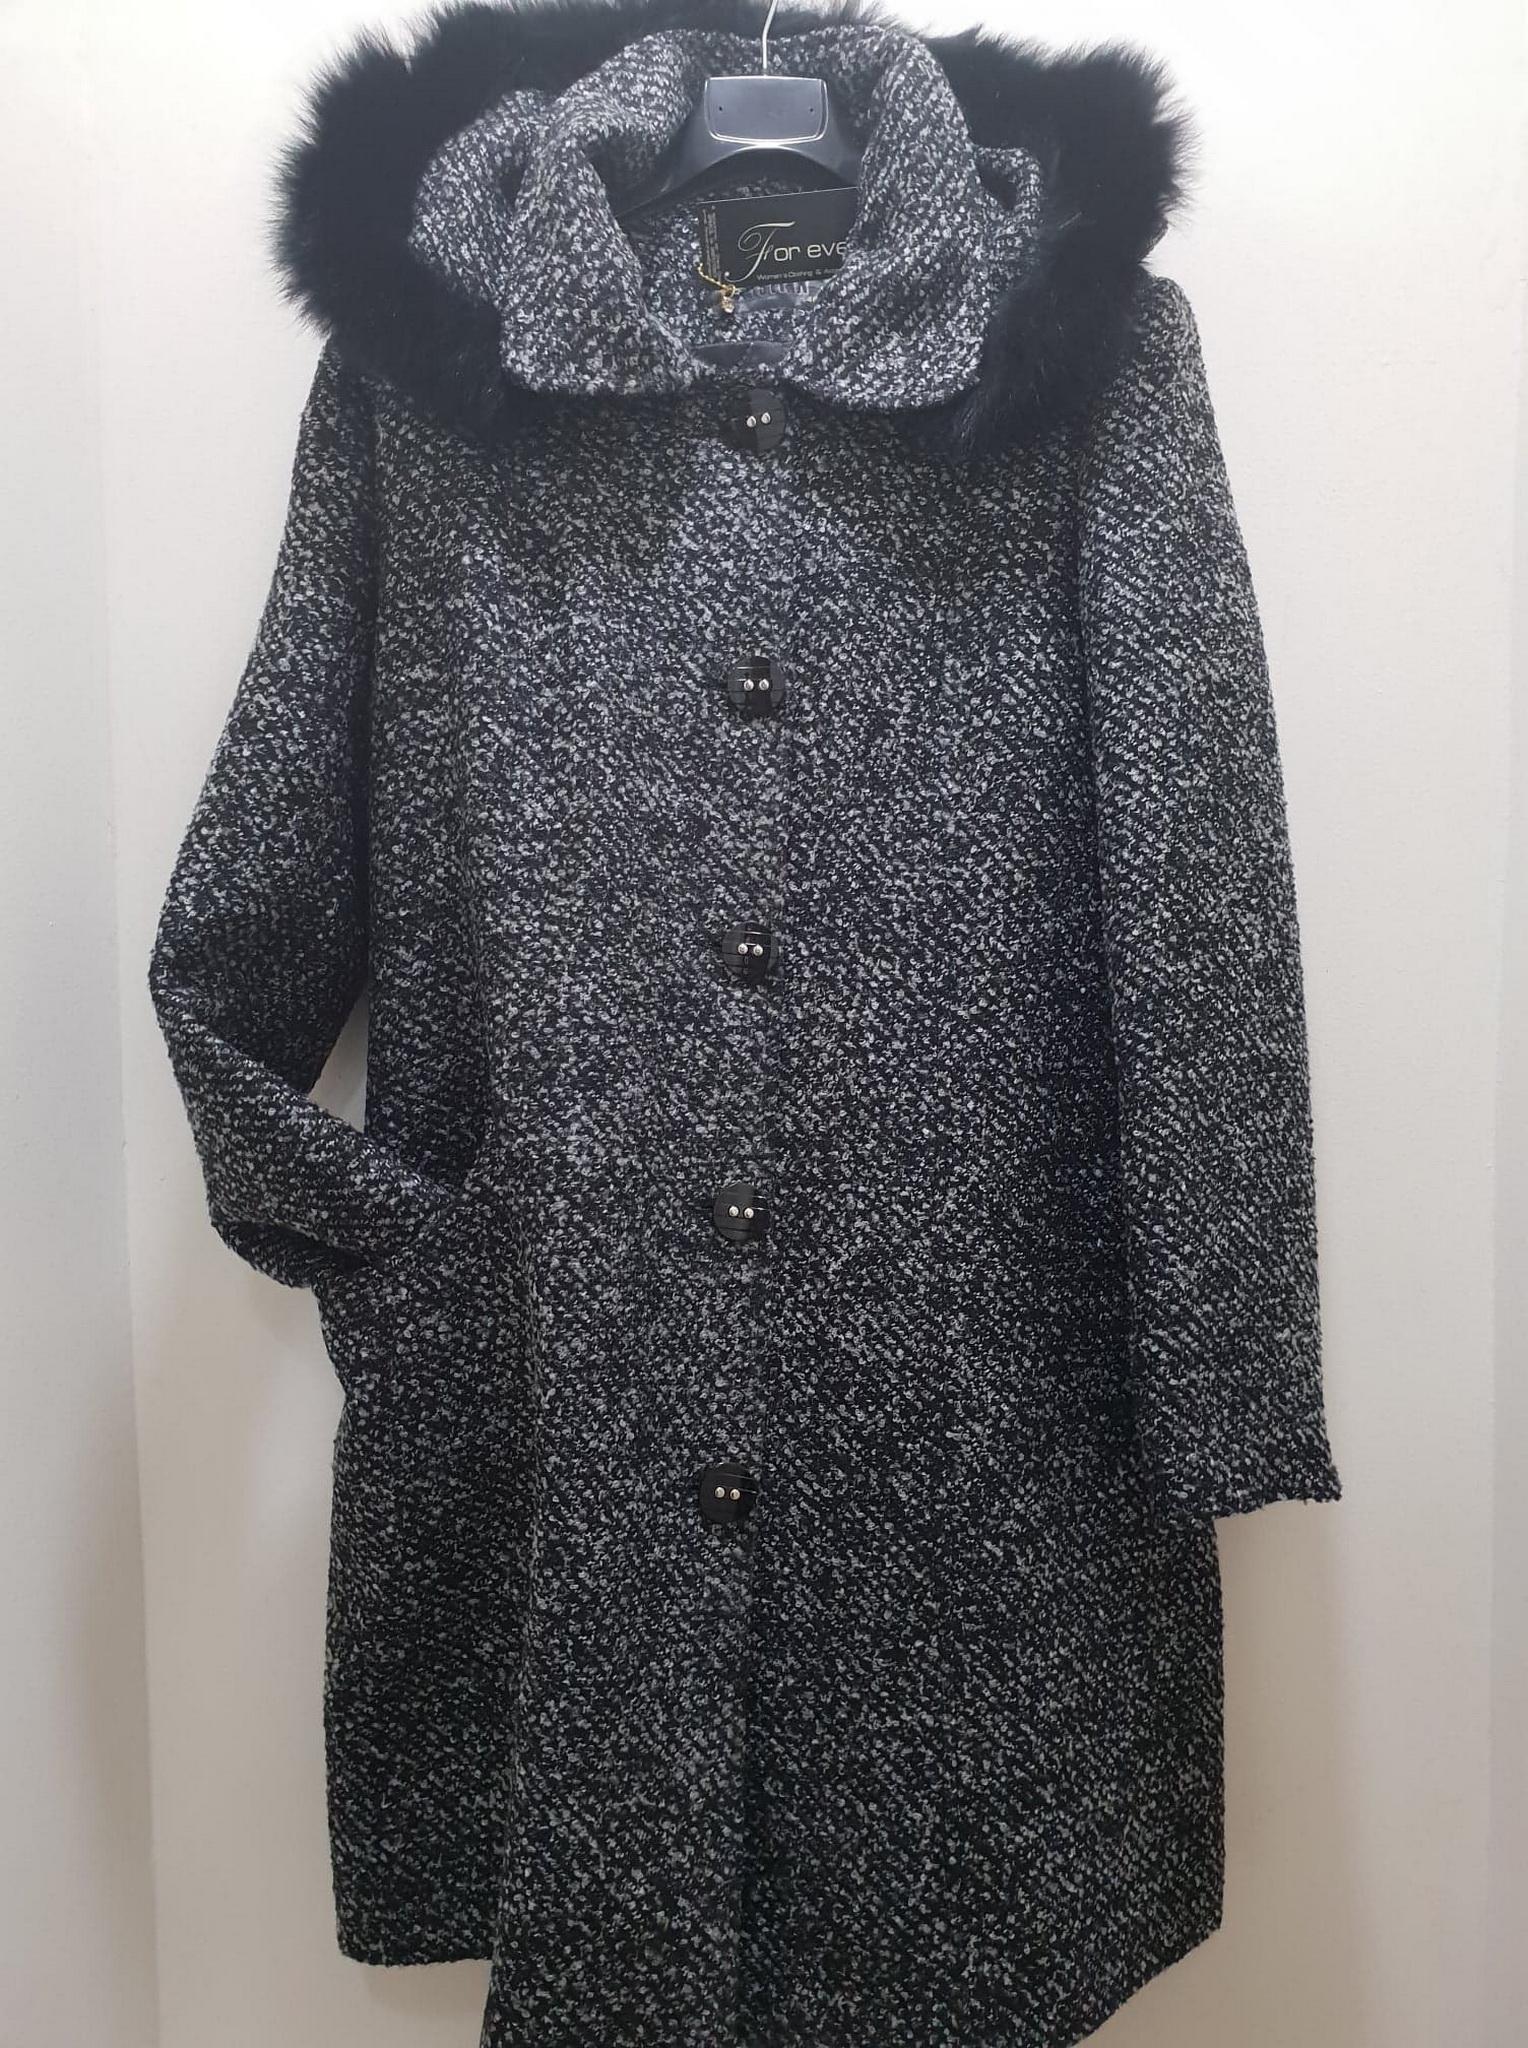 Ημίπαλτο με κουκούλα - For ever Chania Clothing   Accessories 572caff7710